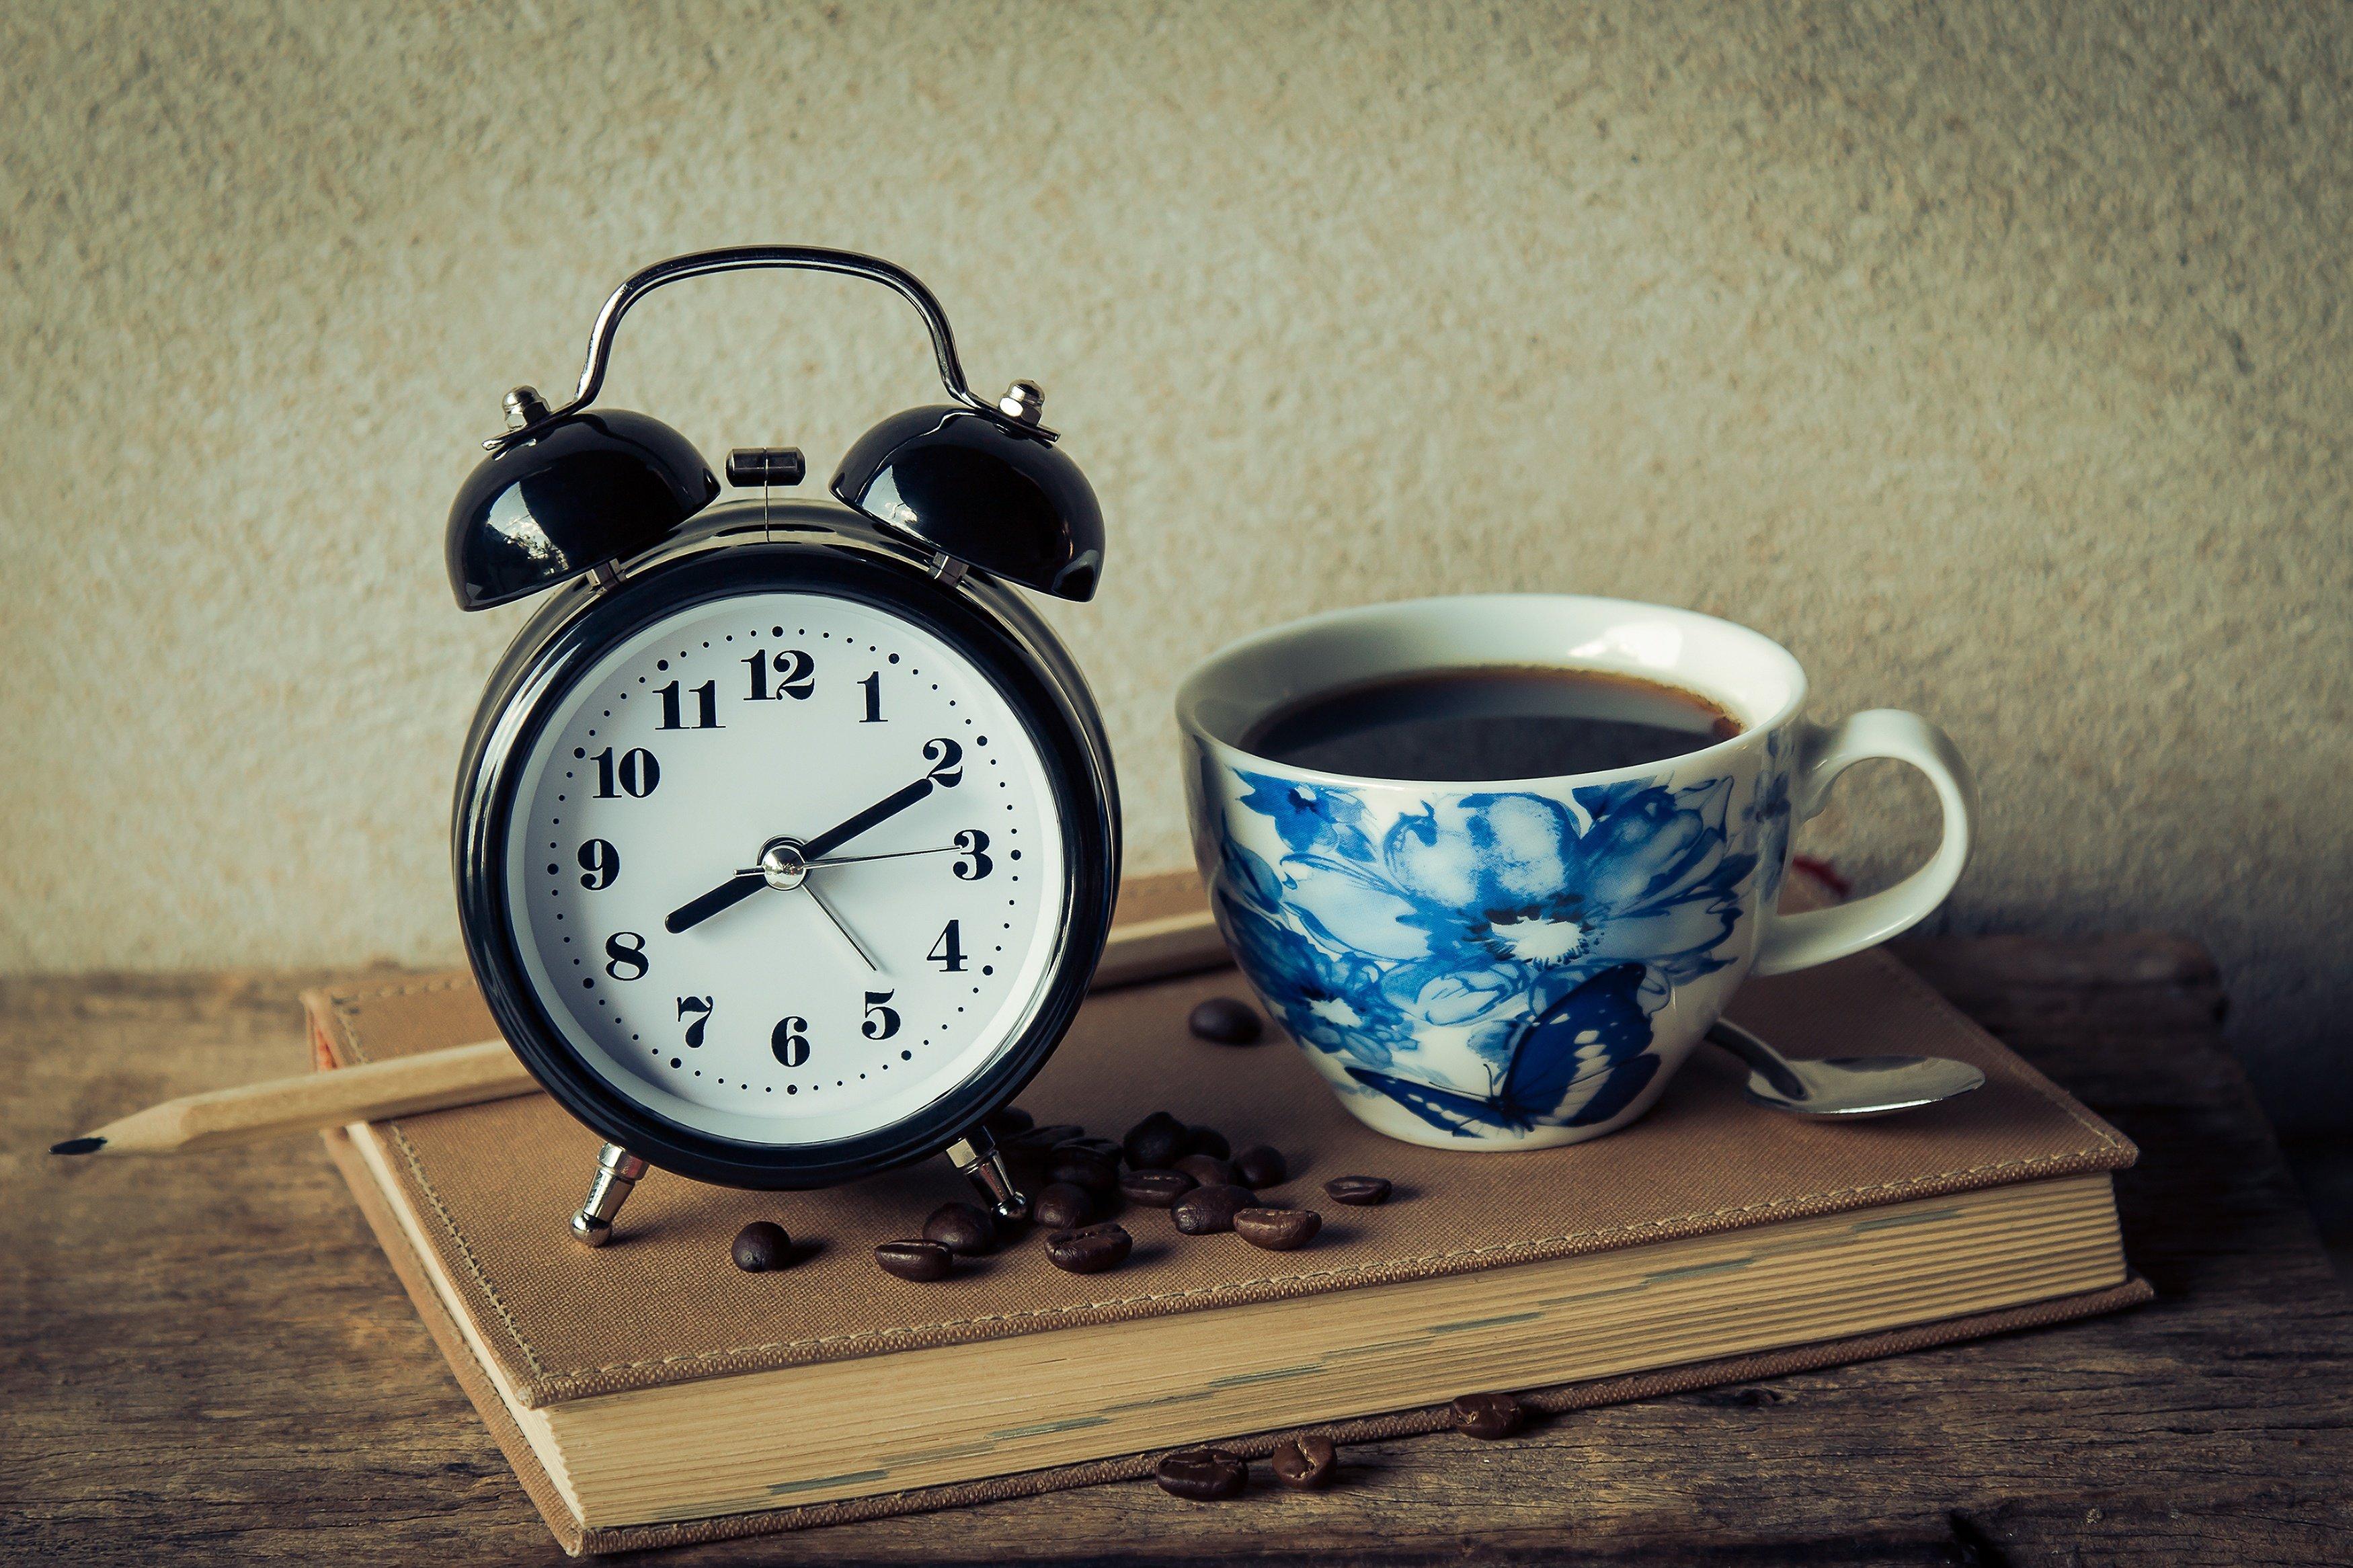 wake up coffee.jpeg?noresize